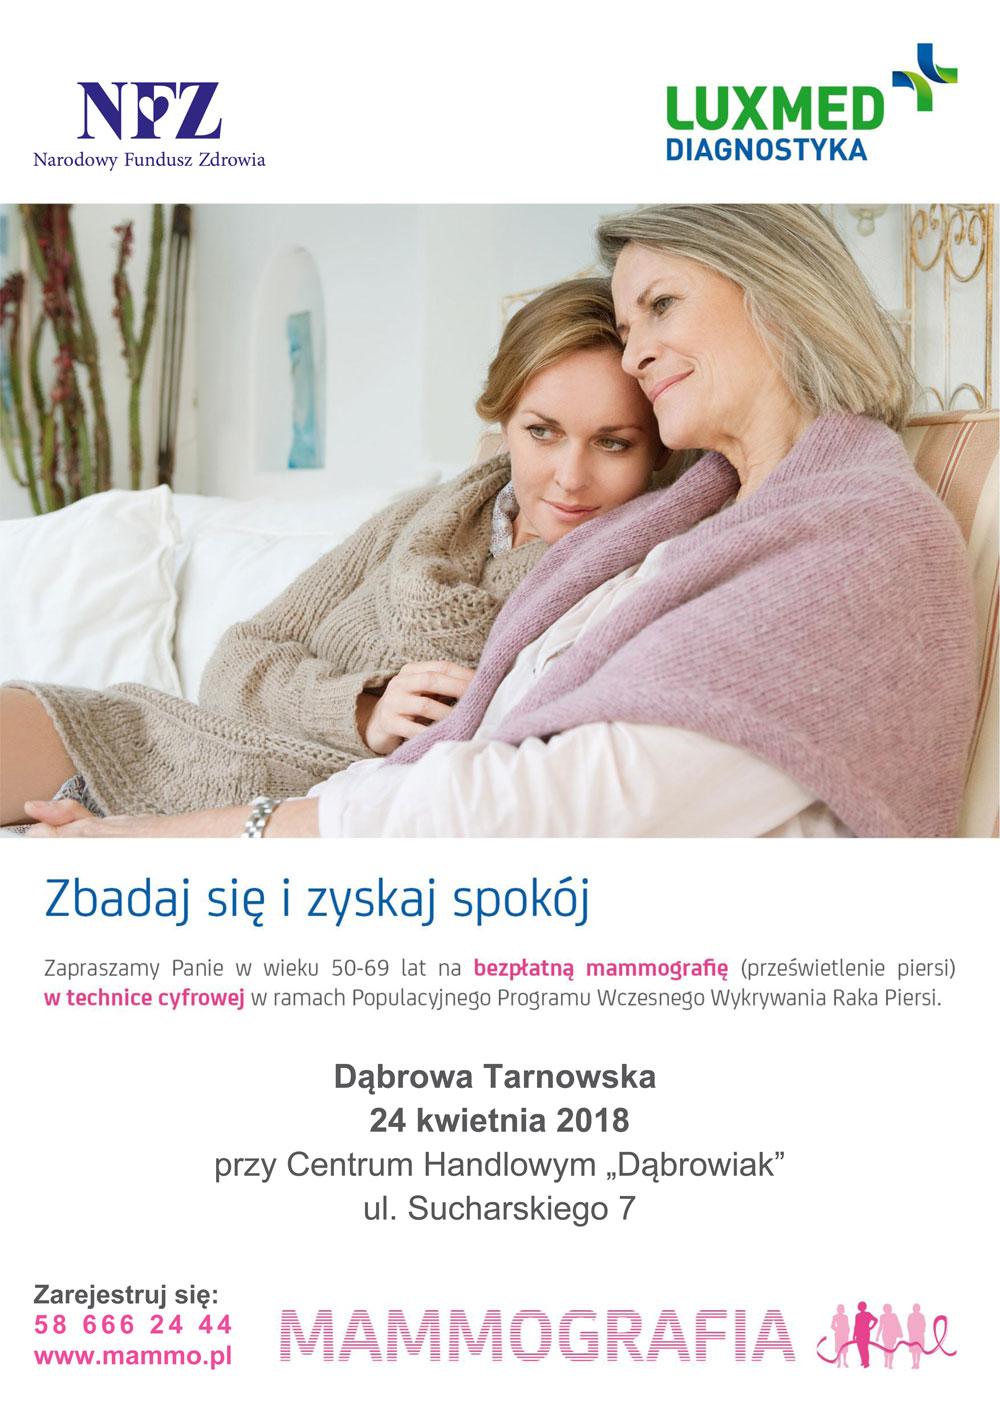 plakat wersja elektroniczna 2018 Masz 50 69 lat i jesteś kobietą? Już w kwietniu możesz zdobić mammografię w Dąbrowie Tarnowskiej